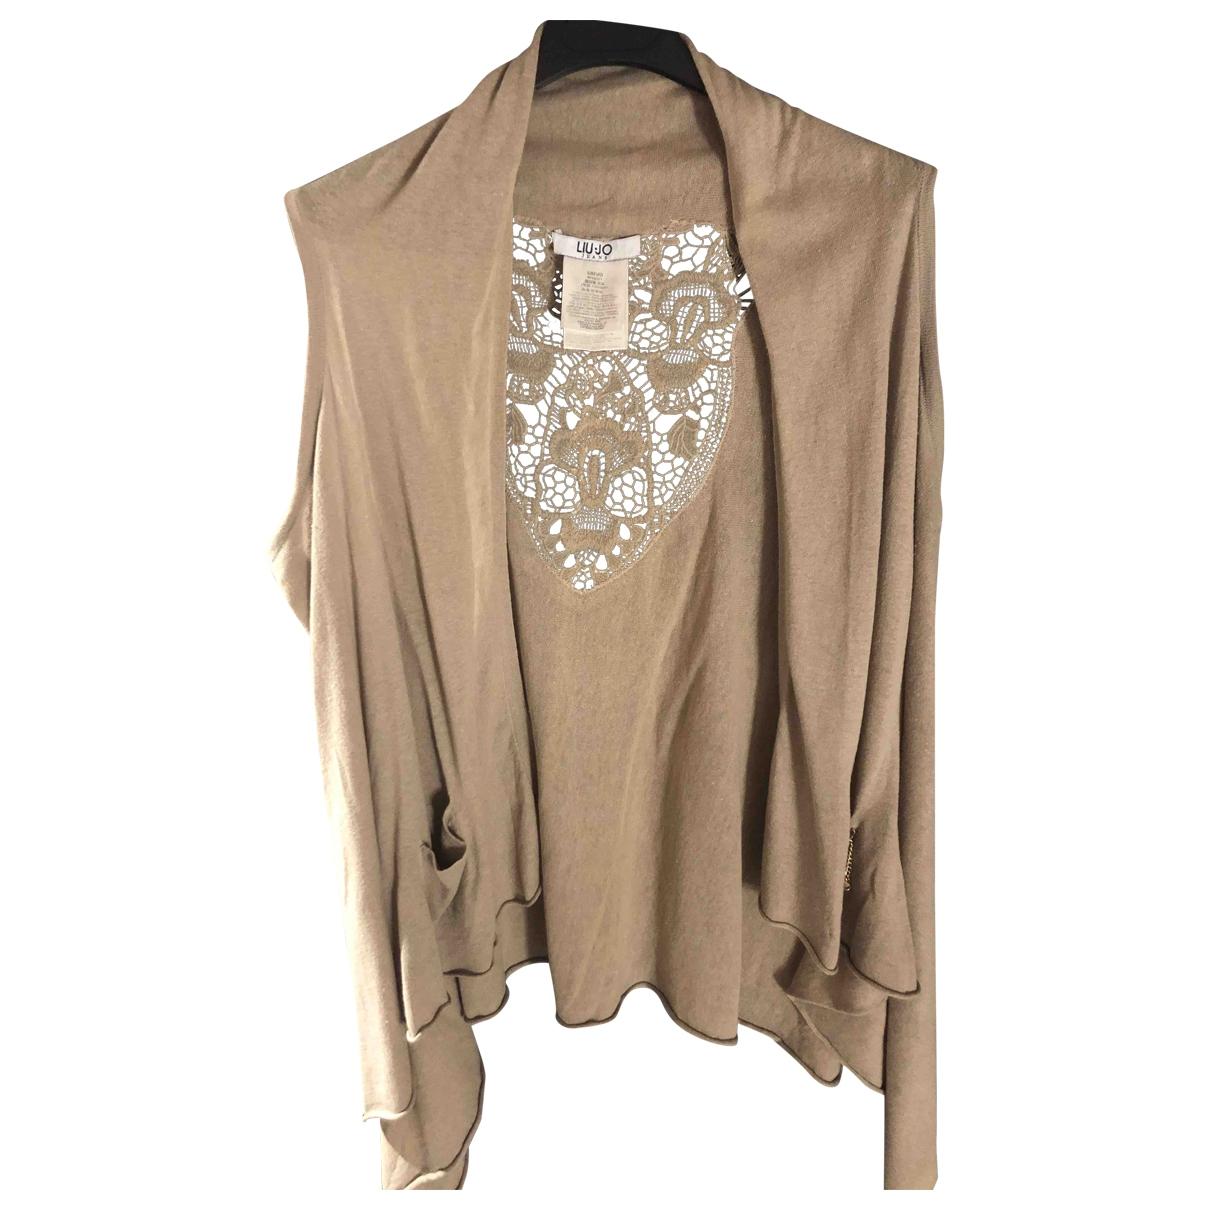 Liu.jo \N Beige Cotton Knitwear for Women XS International